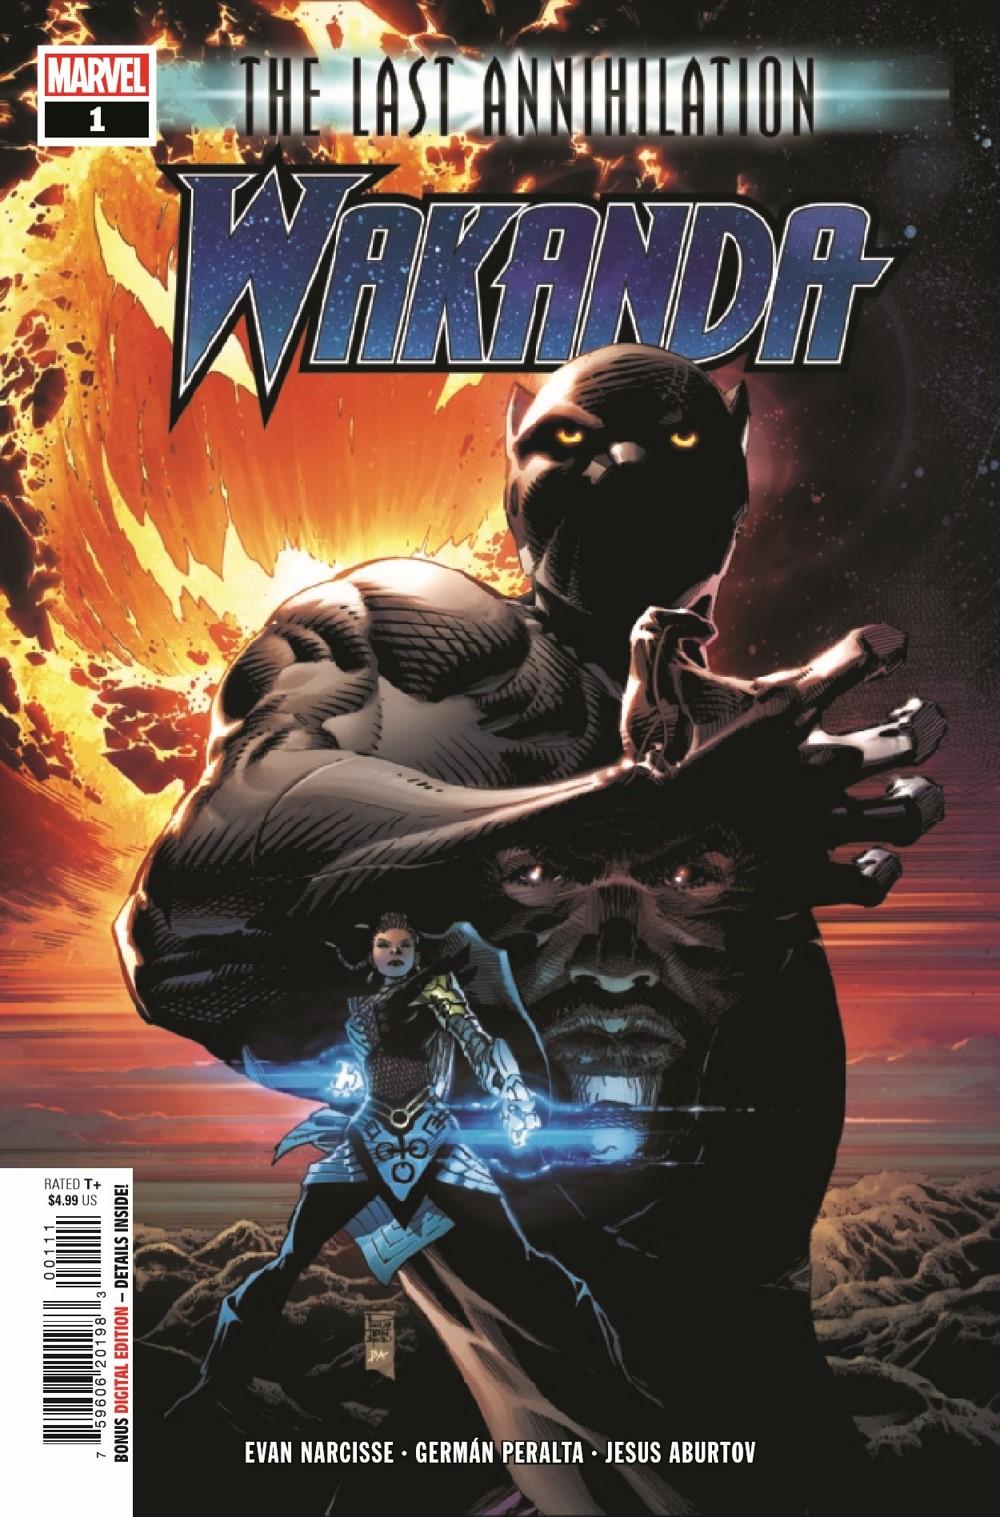 LASTANNIHWA2021001_Preview-1 ComicList Previews: LAST ANNIHILATION WAKANDA #1